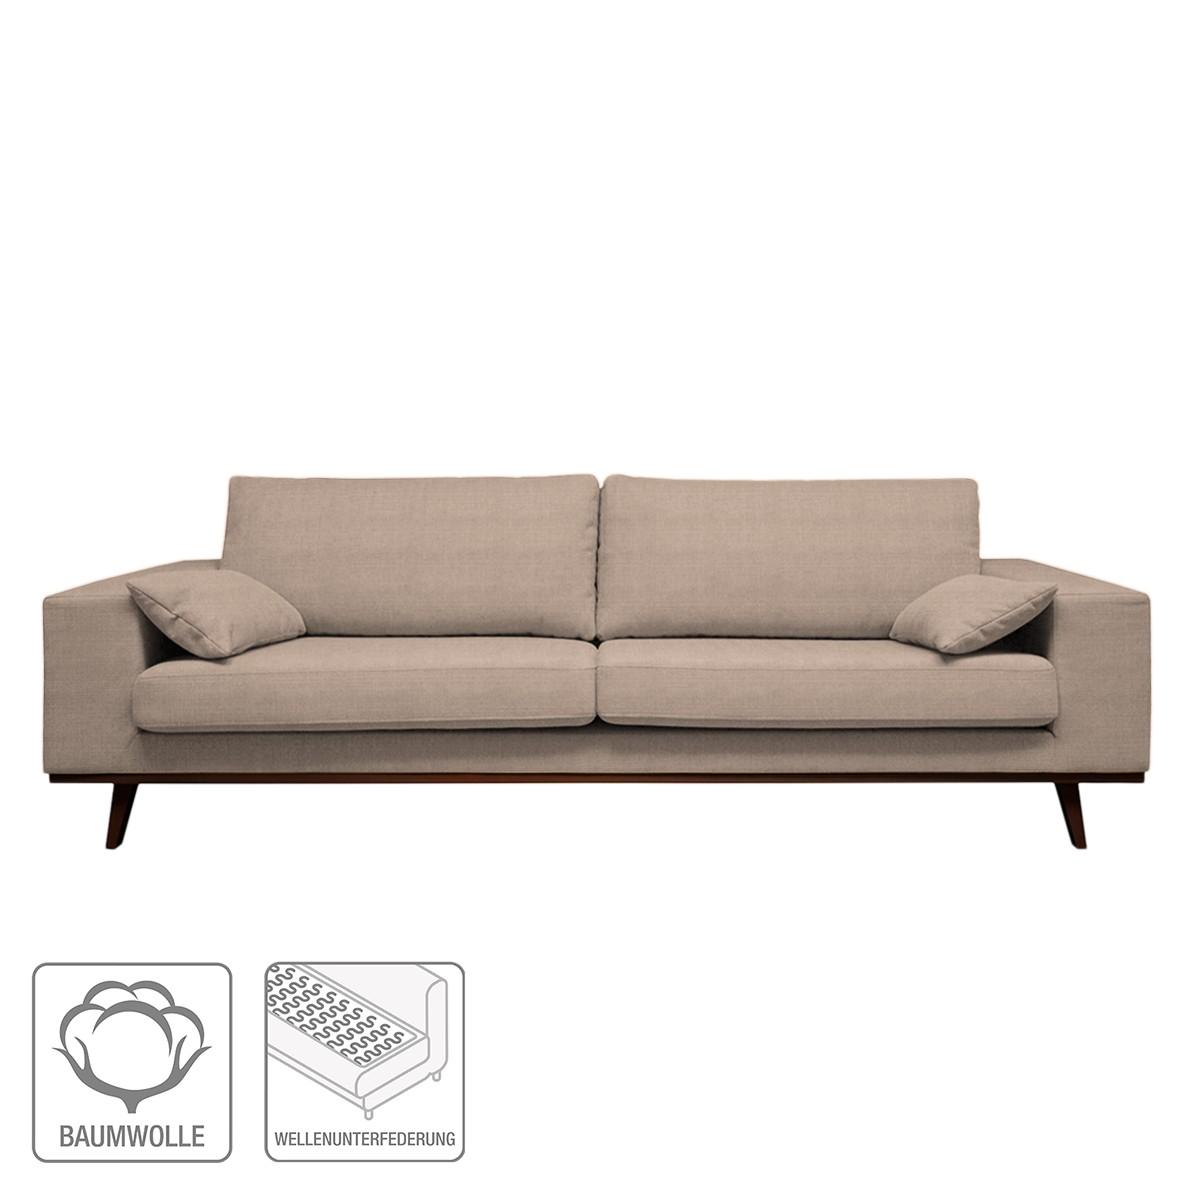 sofas sitzh he 60 cm preisvergleiche erfahrungsberichte und kauf bei nextag. Black Bedroom Furniture Sets. Home Design Ideas